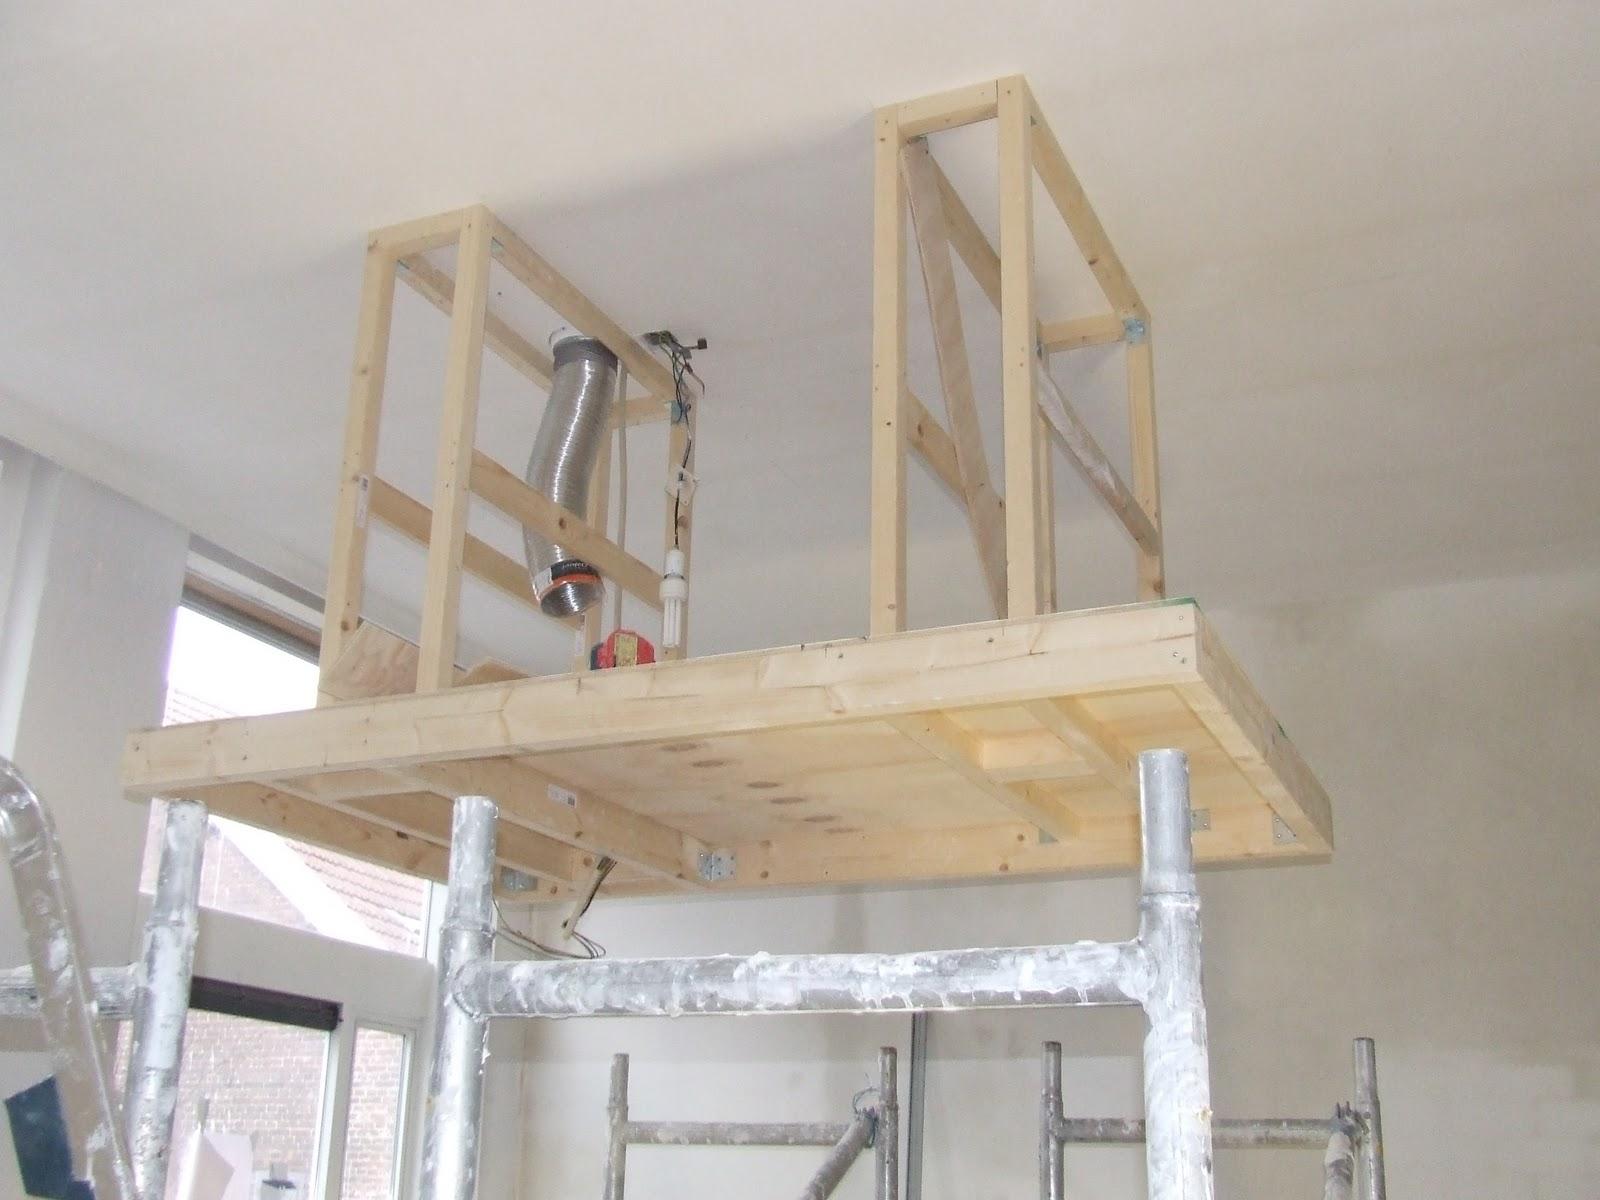 Verlaagd Plafond In De Keuken : Verlaagd Plafond Keuken : Verlaagd plafond boven keukeneiland Keukens